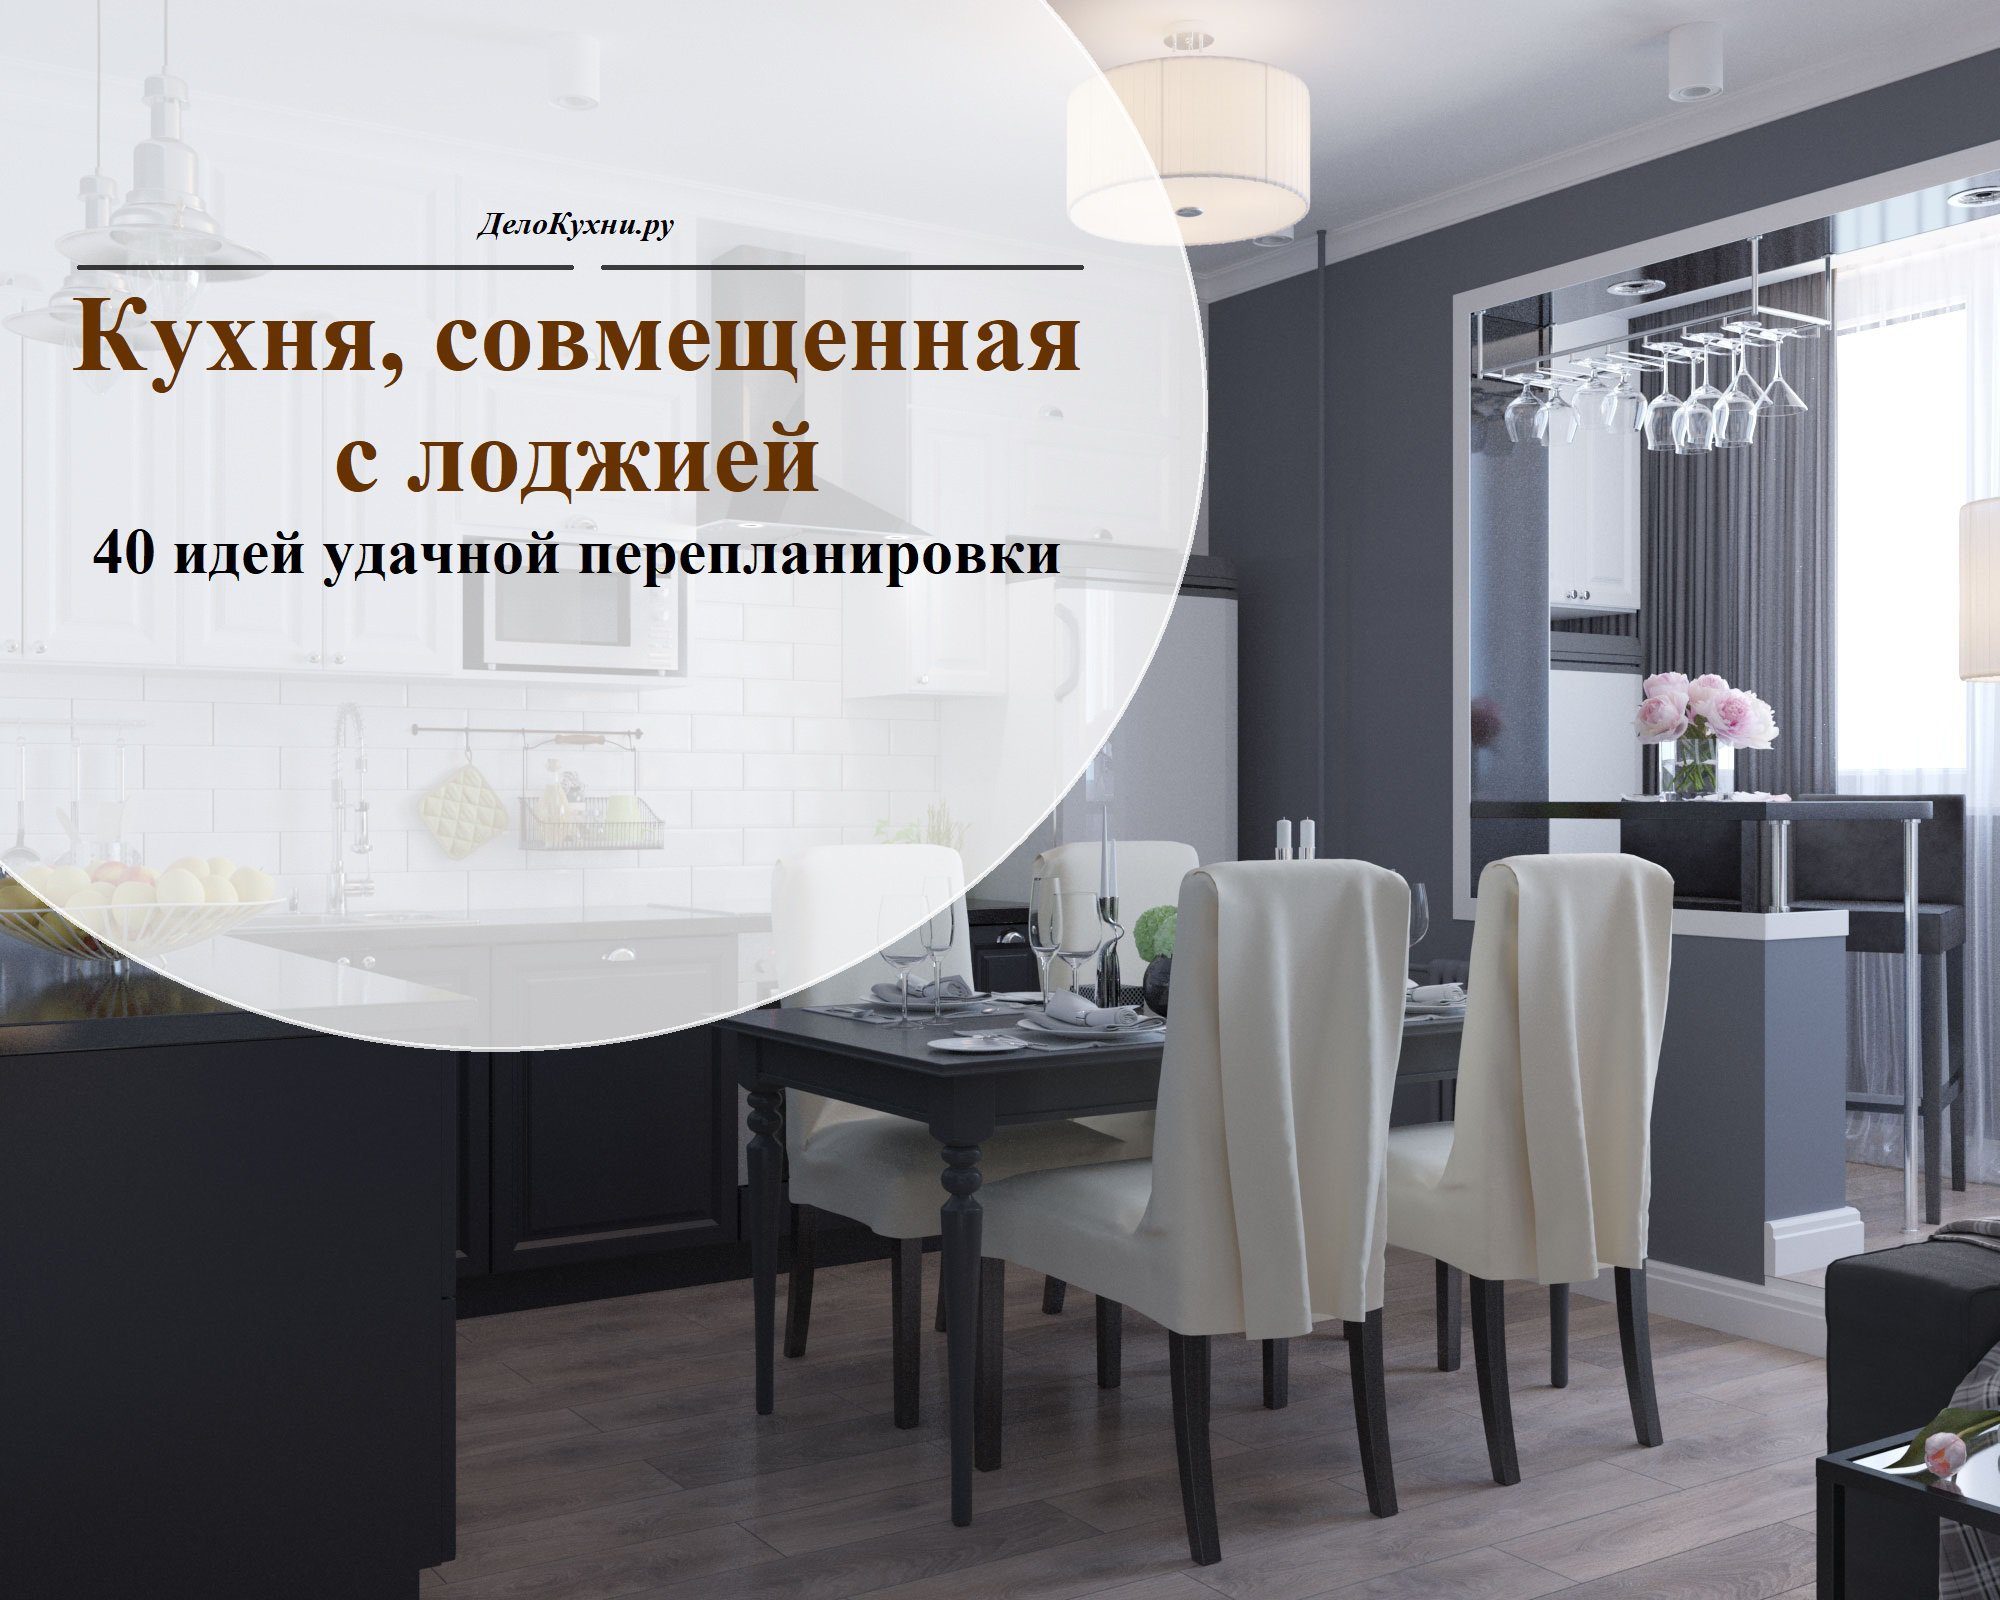 Дизайн небольшой кухни в квартире с балконом